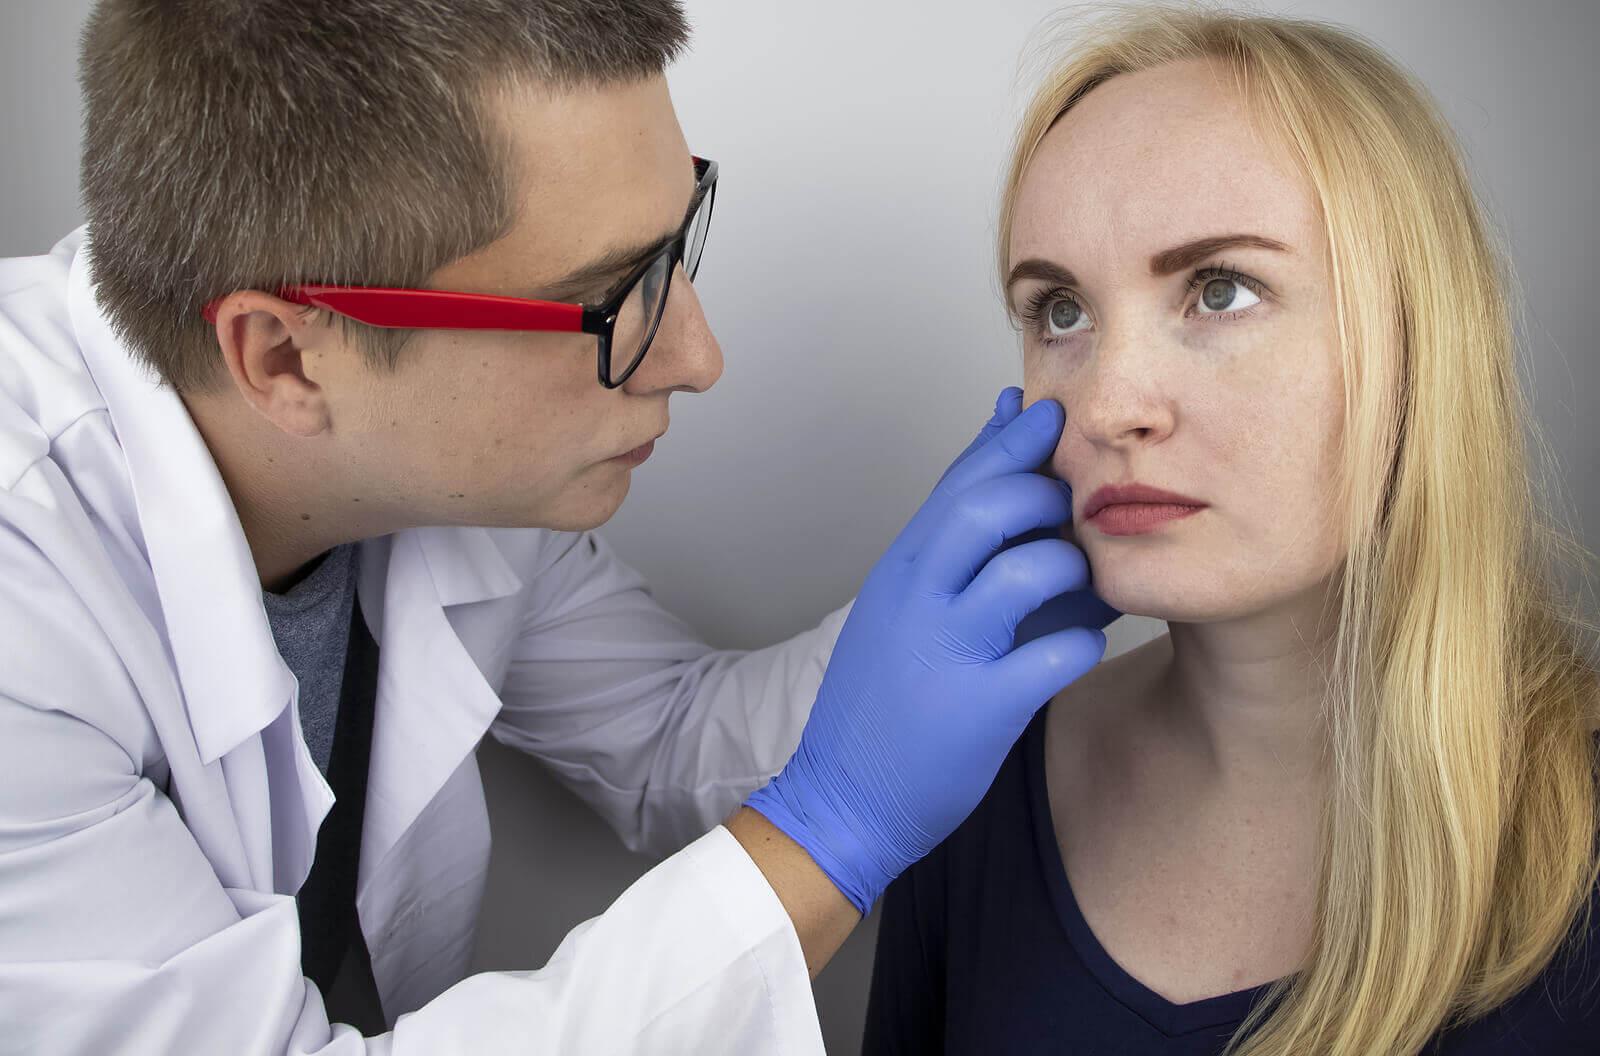 A doctor examining a woman's eye.